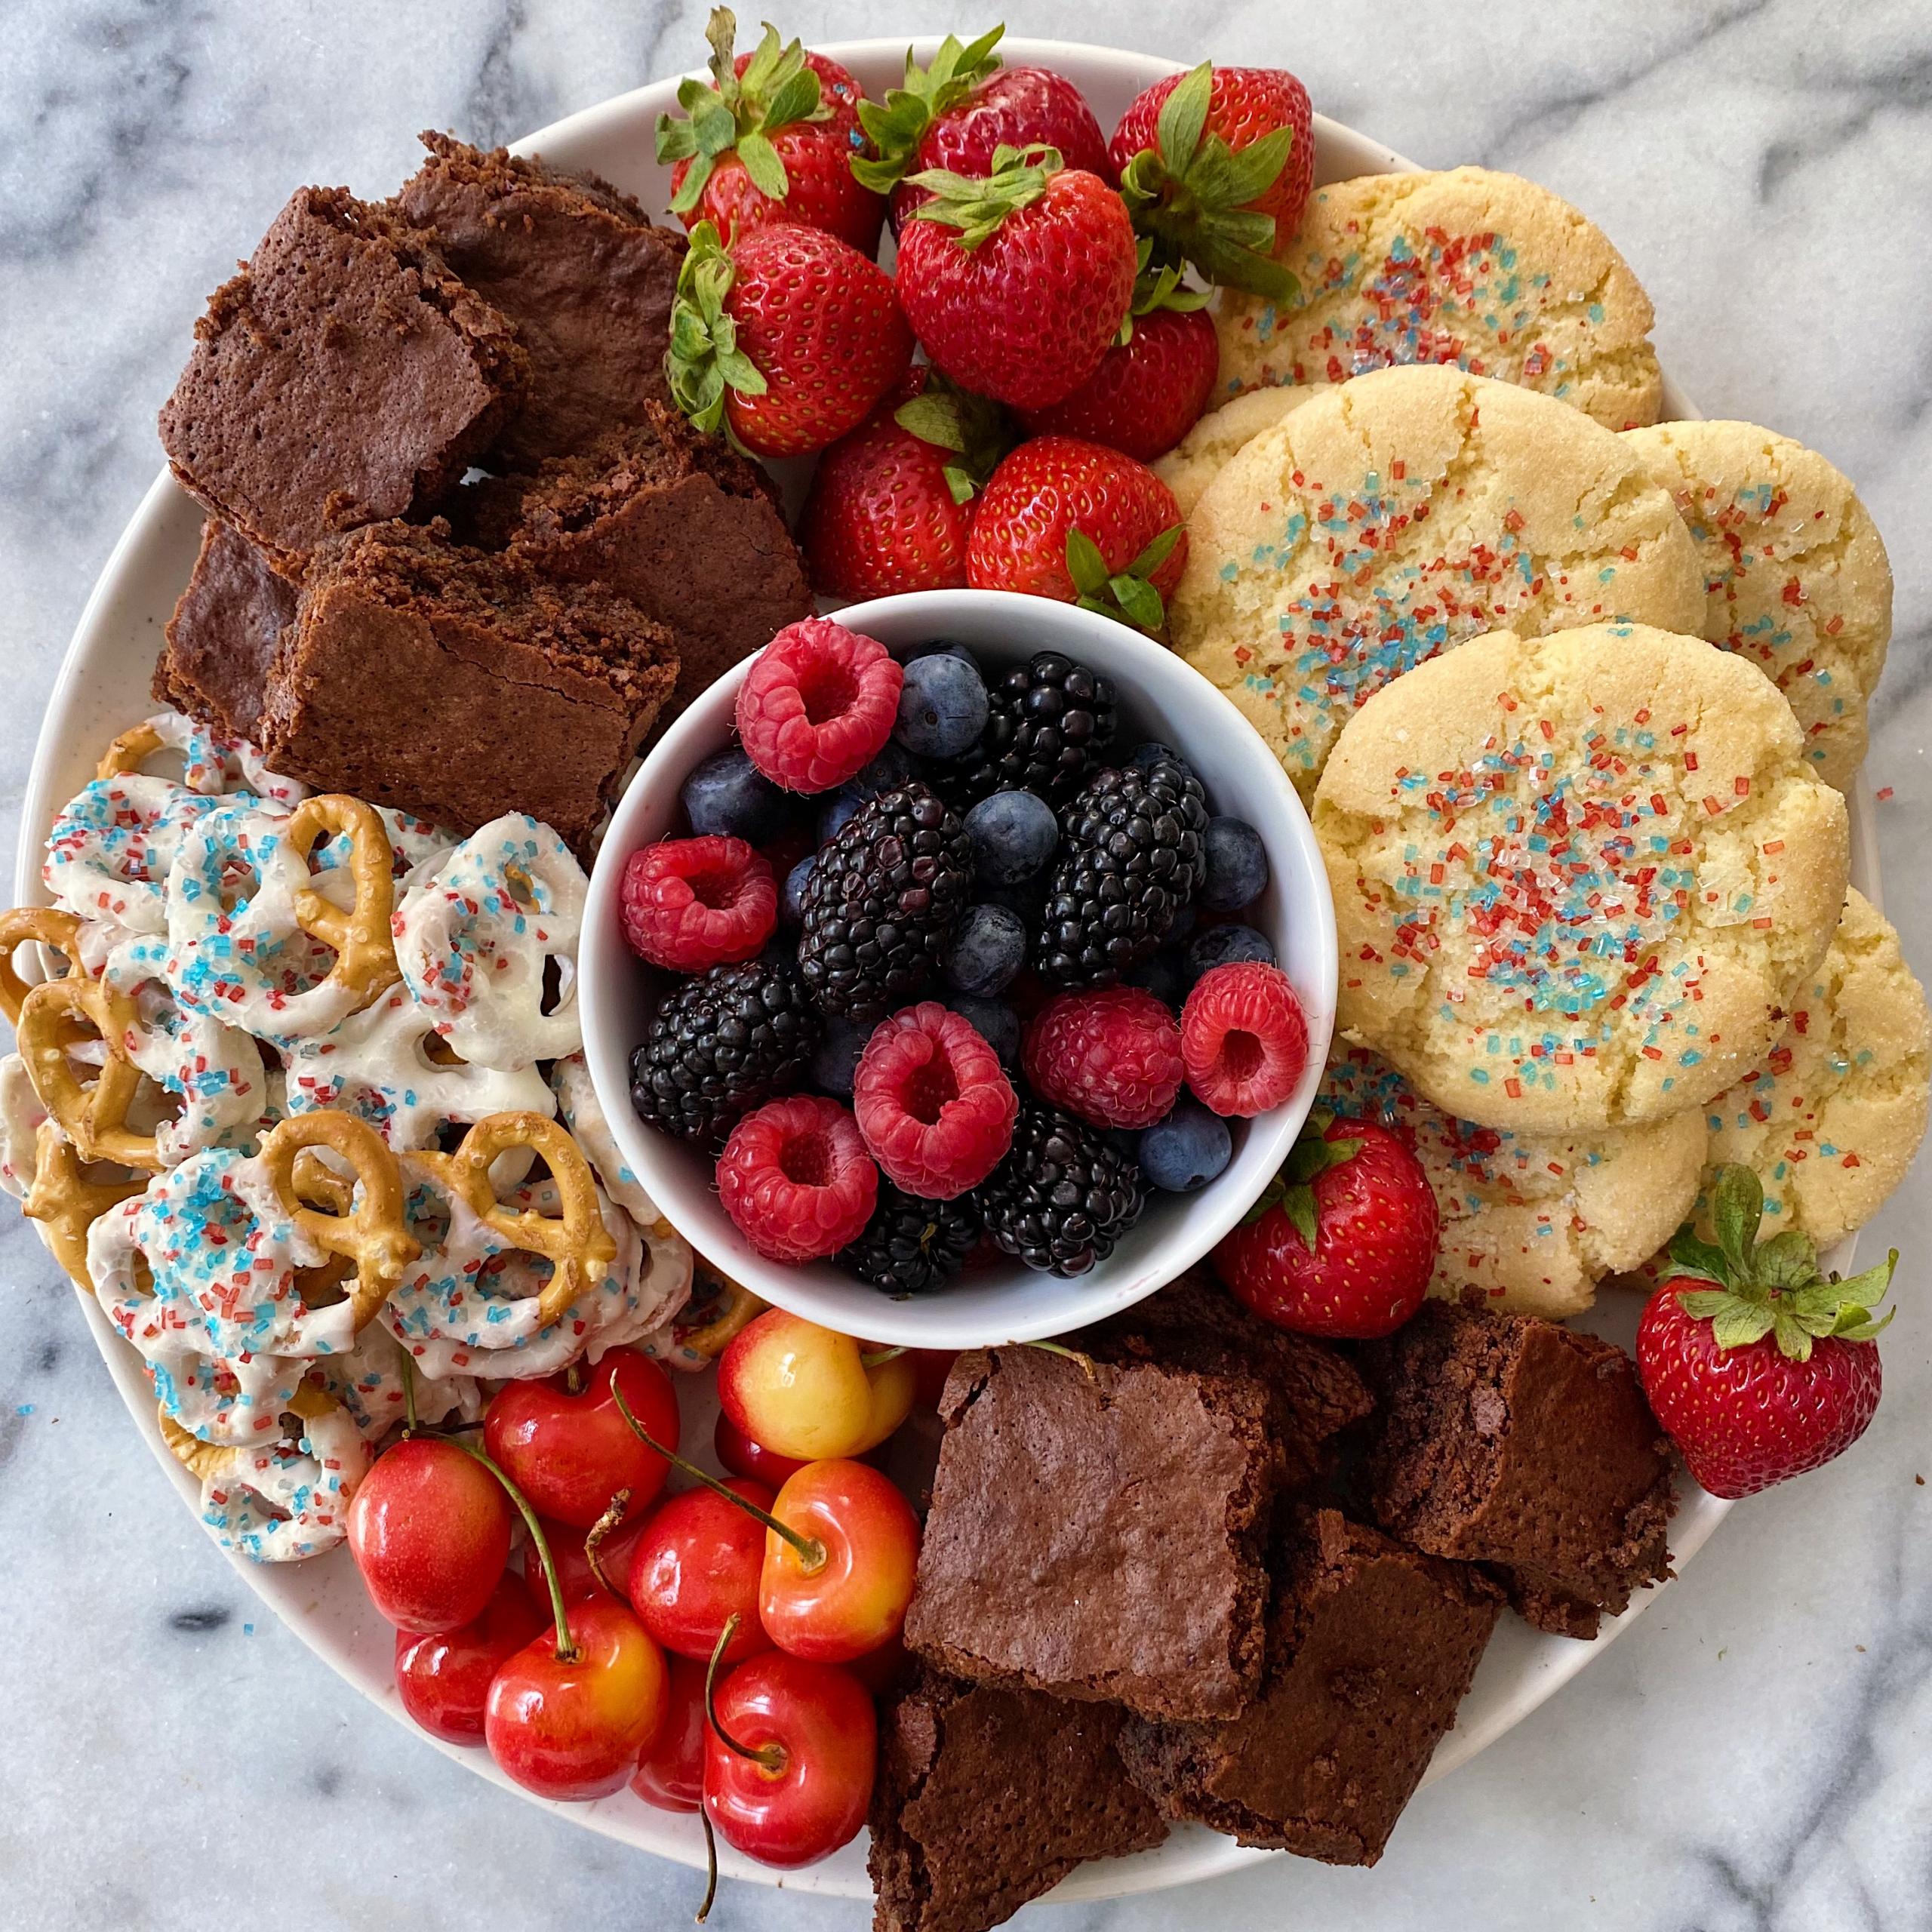 4th of July Dessert Board gluten free www.healtthygffamily.com